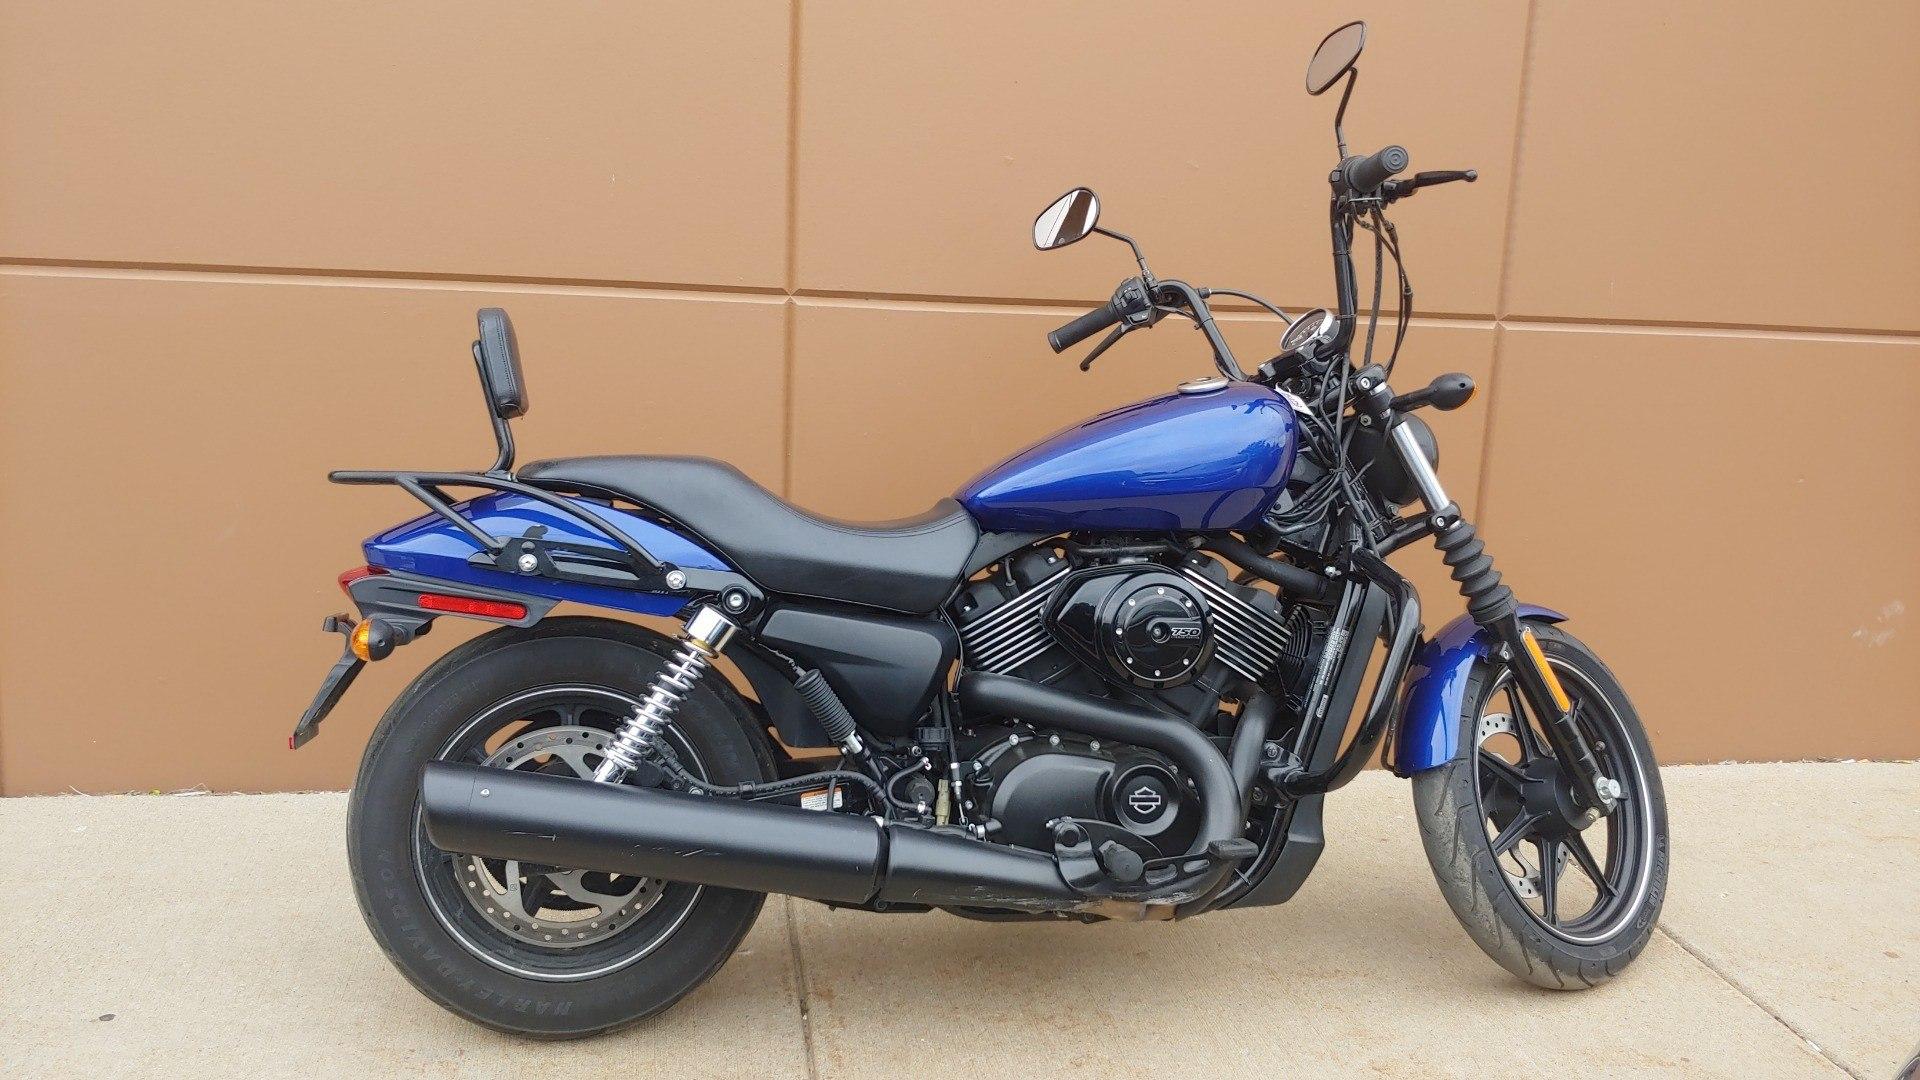 Harley Davidson Michigan >> 2016 Harley Davidson Street 750 Motorcycles For Sale In Lansing Mi